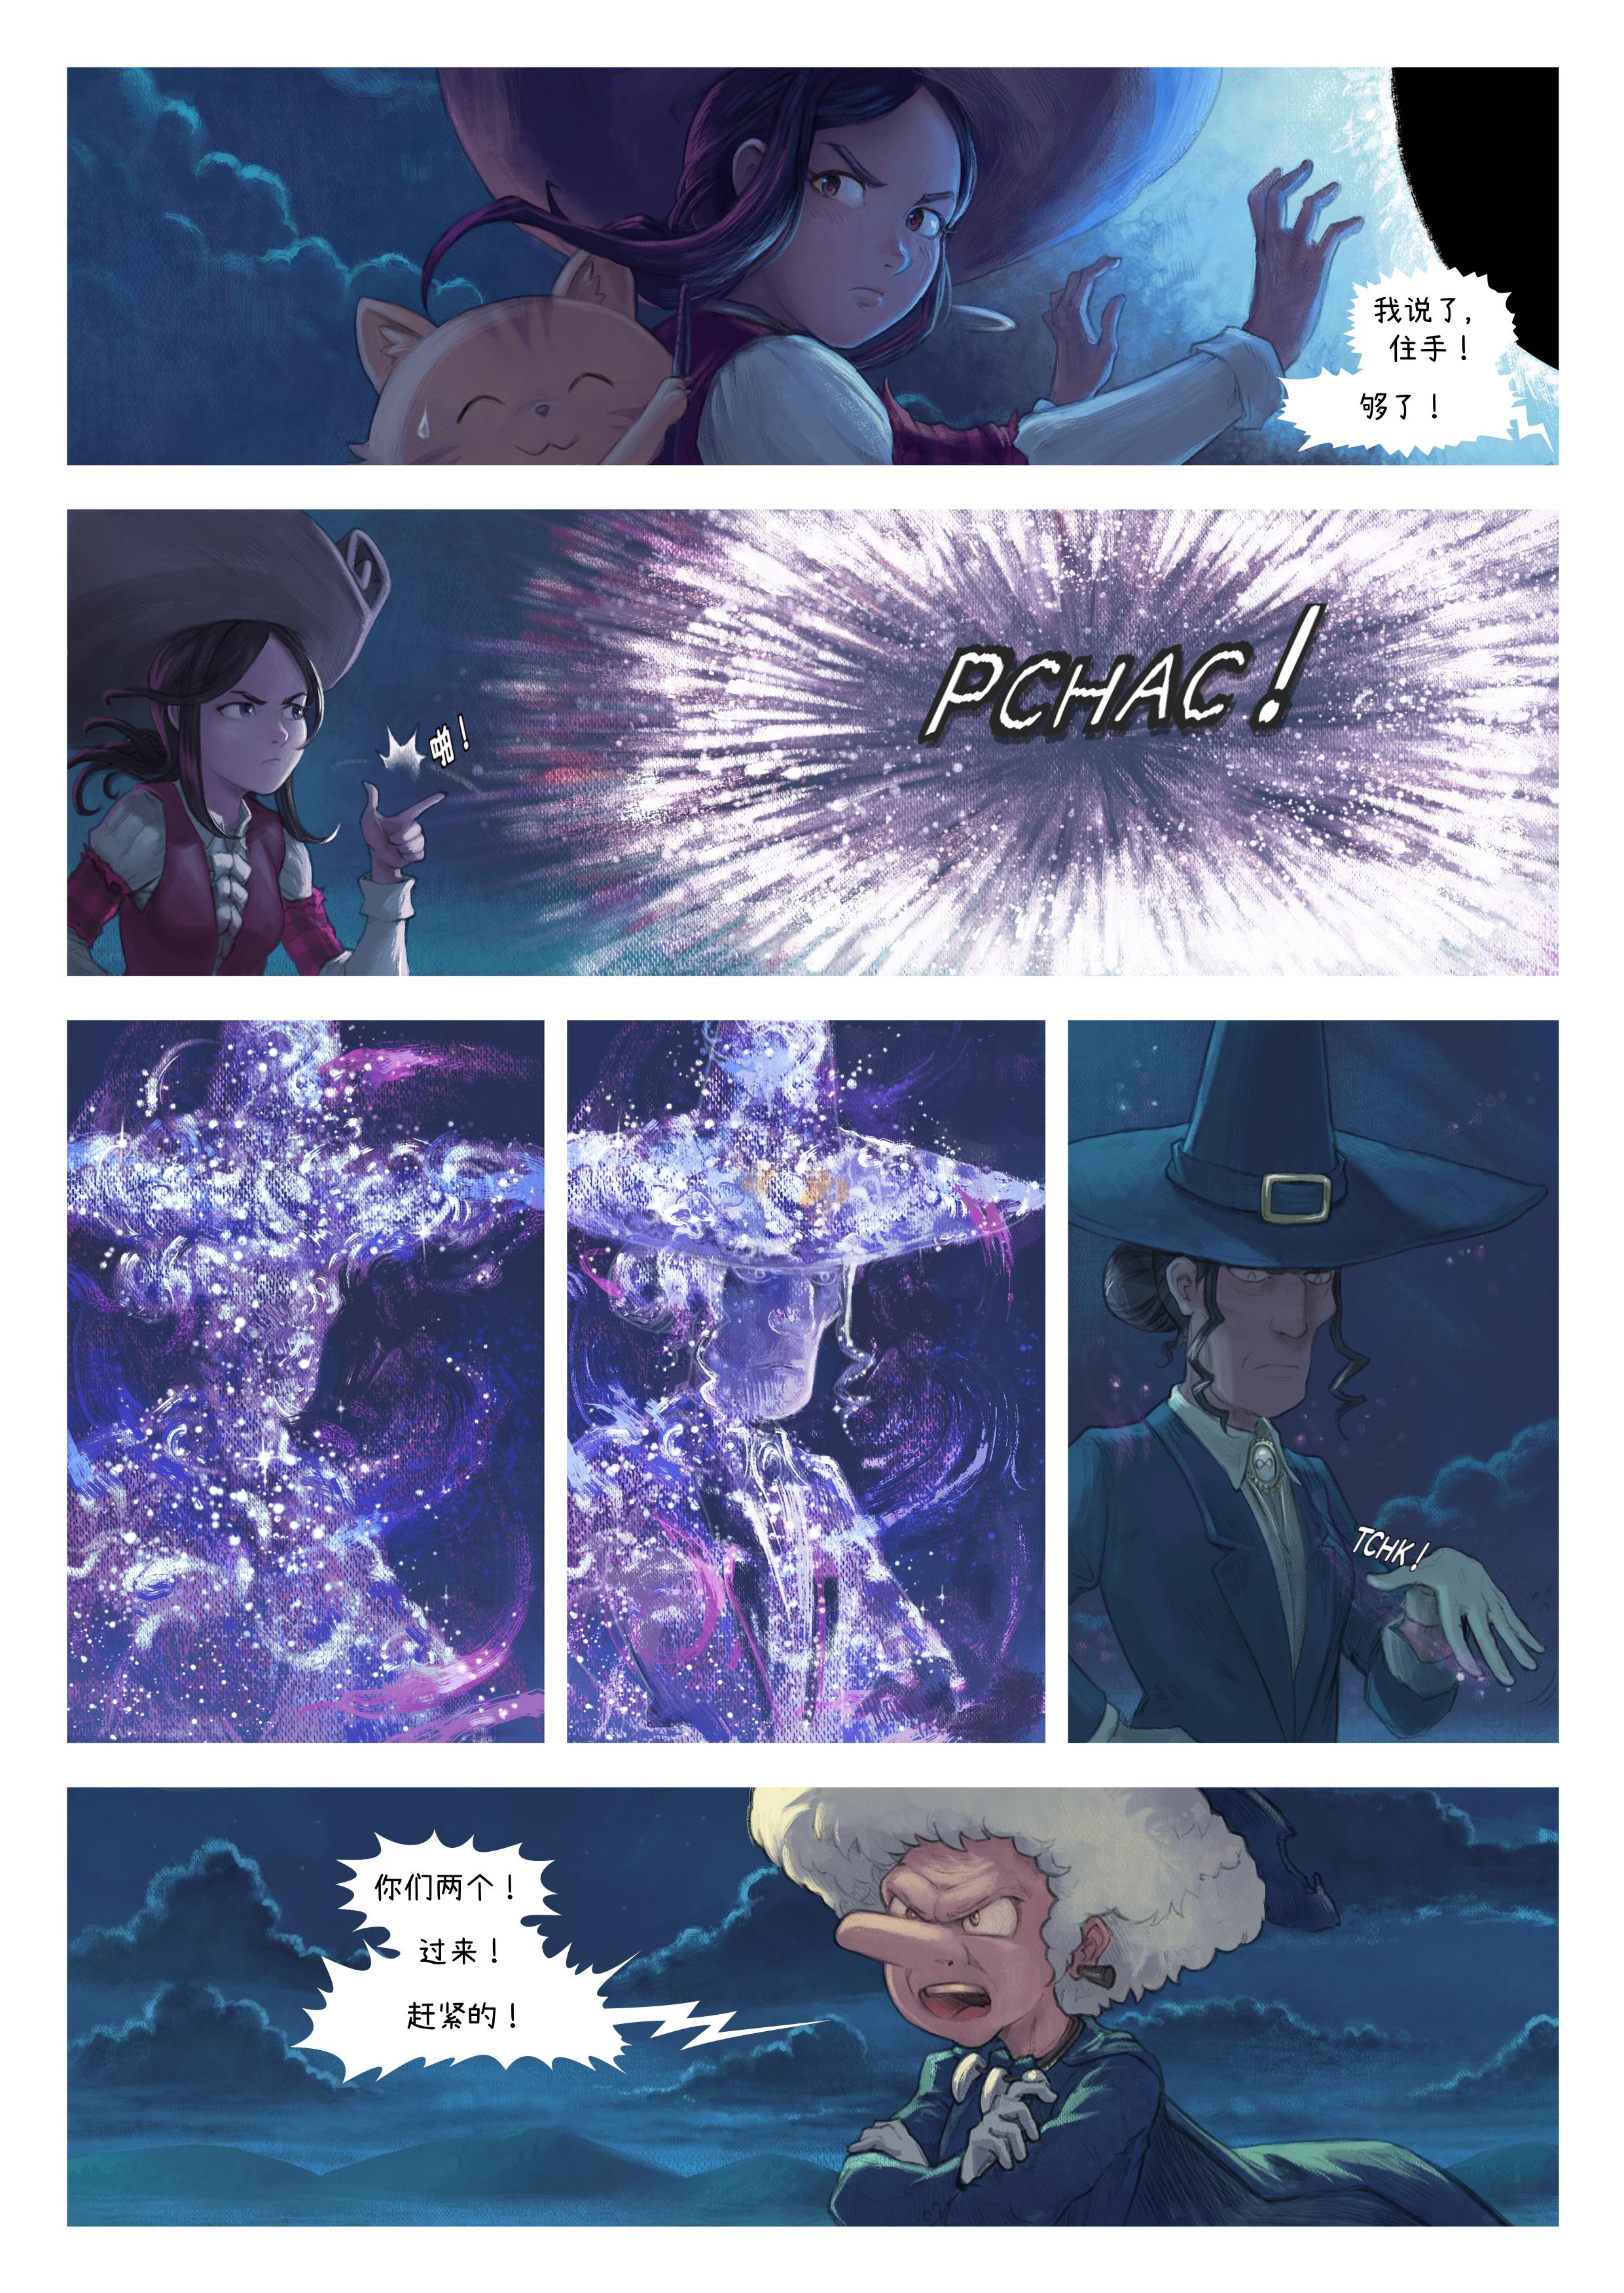 第31集:战斗, Page 6